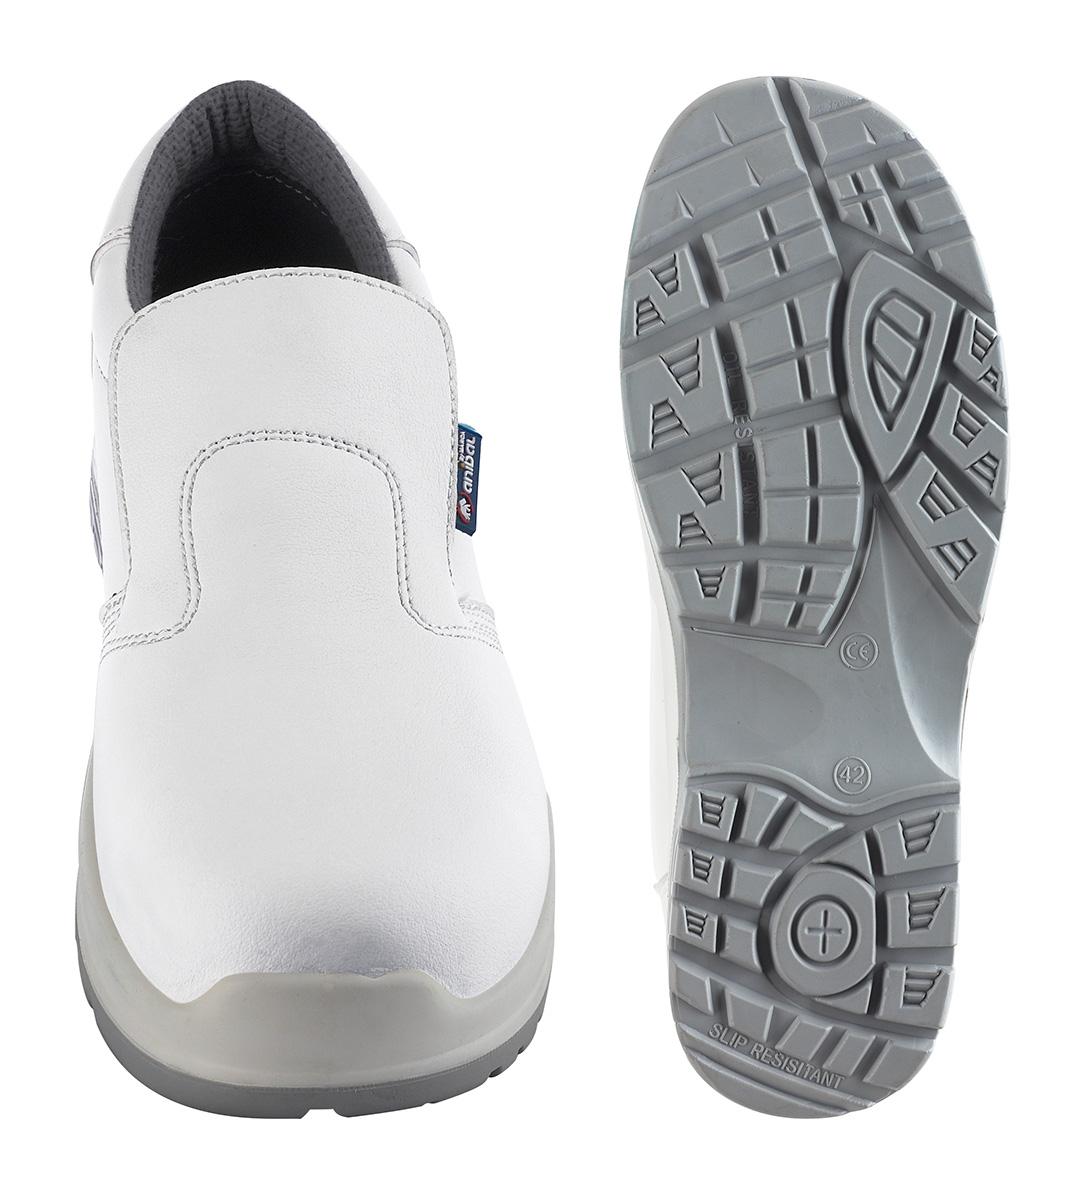 Zapato S2 Serie PRO ZBM Seguridad Calzado 1688 de mod Blanca F8qgxH